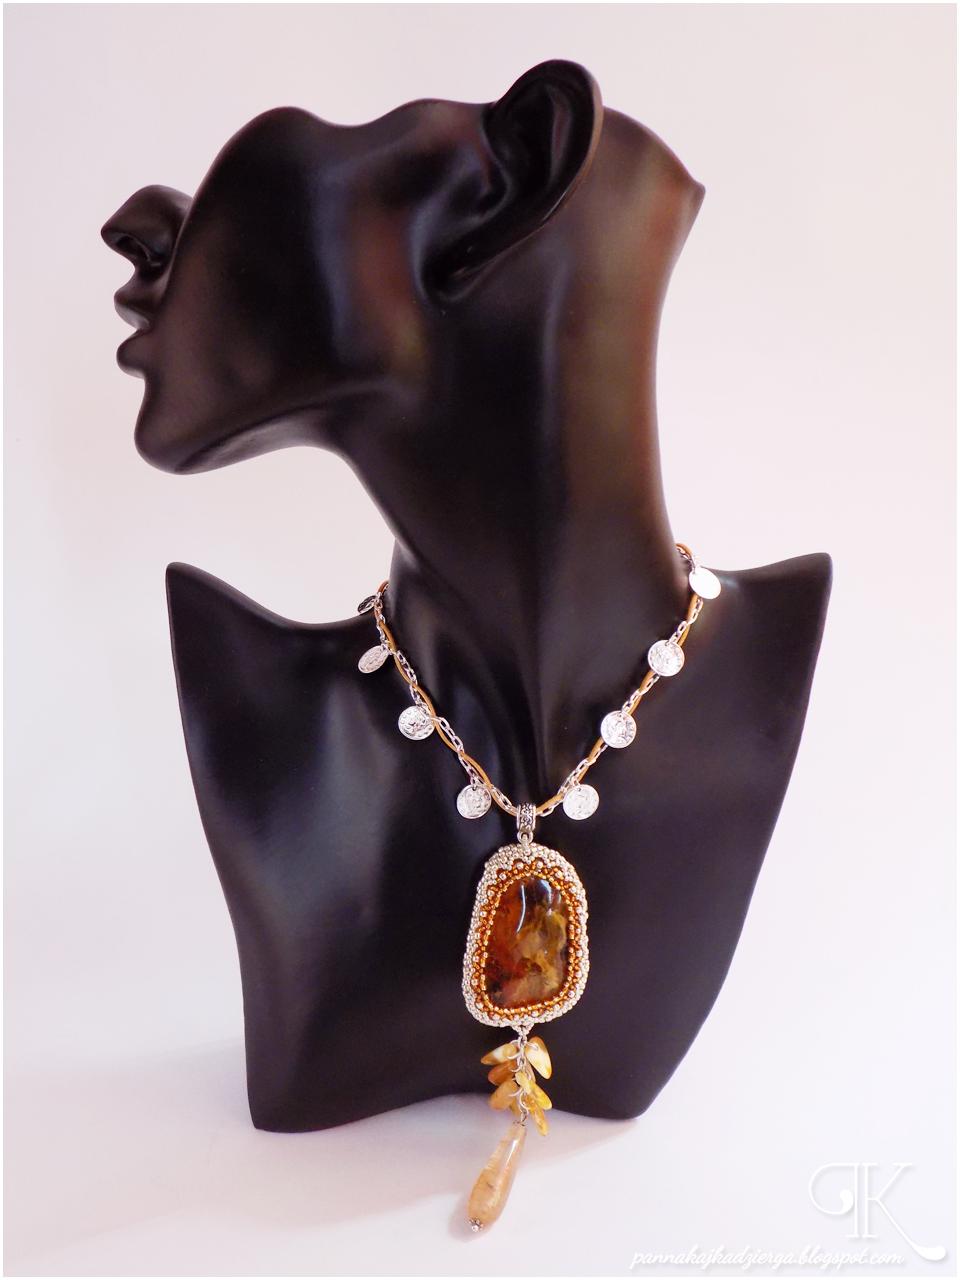 bursztyn, amber, kwarc, peyote, wisior, pendant, Kalisz, Calisia, toho, beads, beadweaving